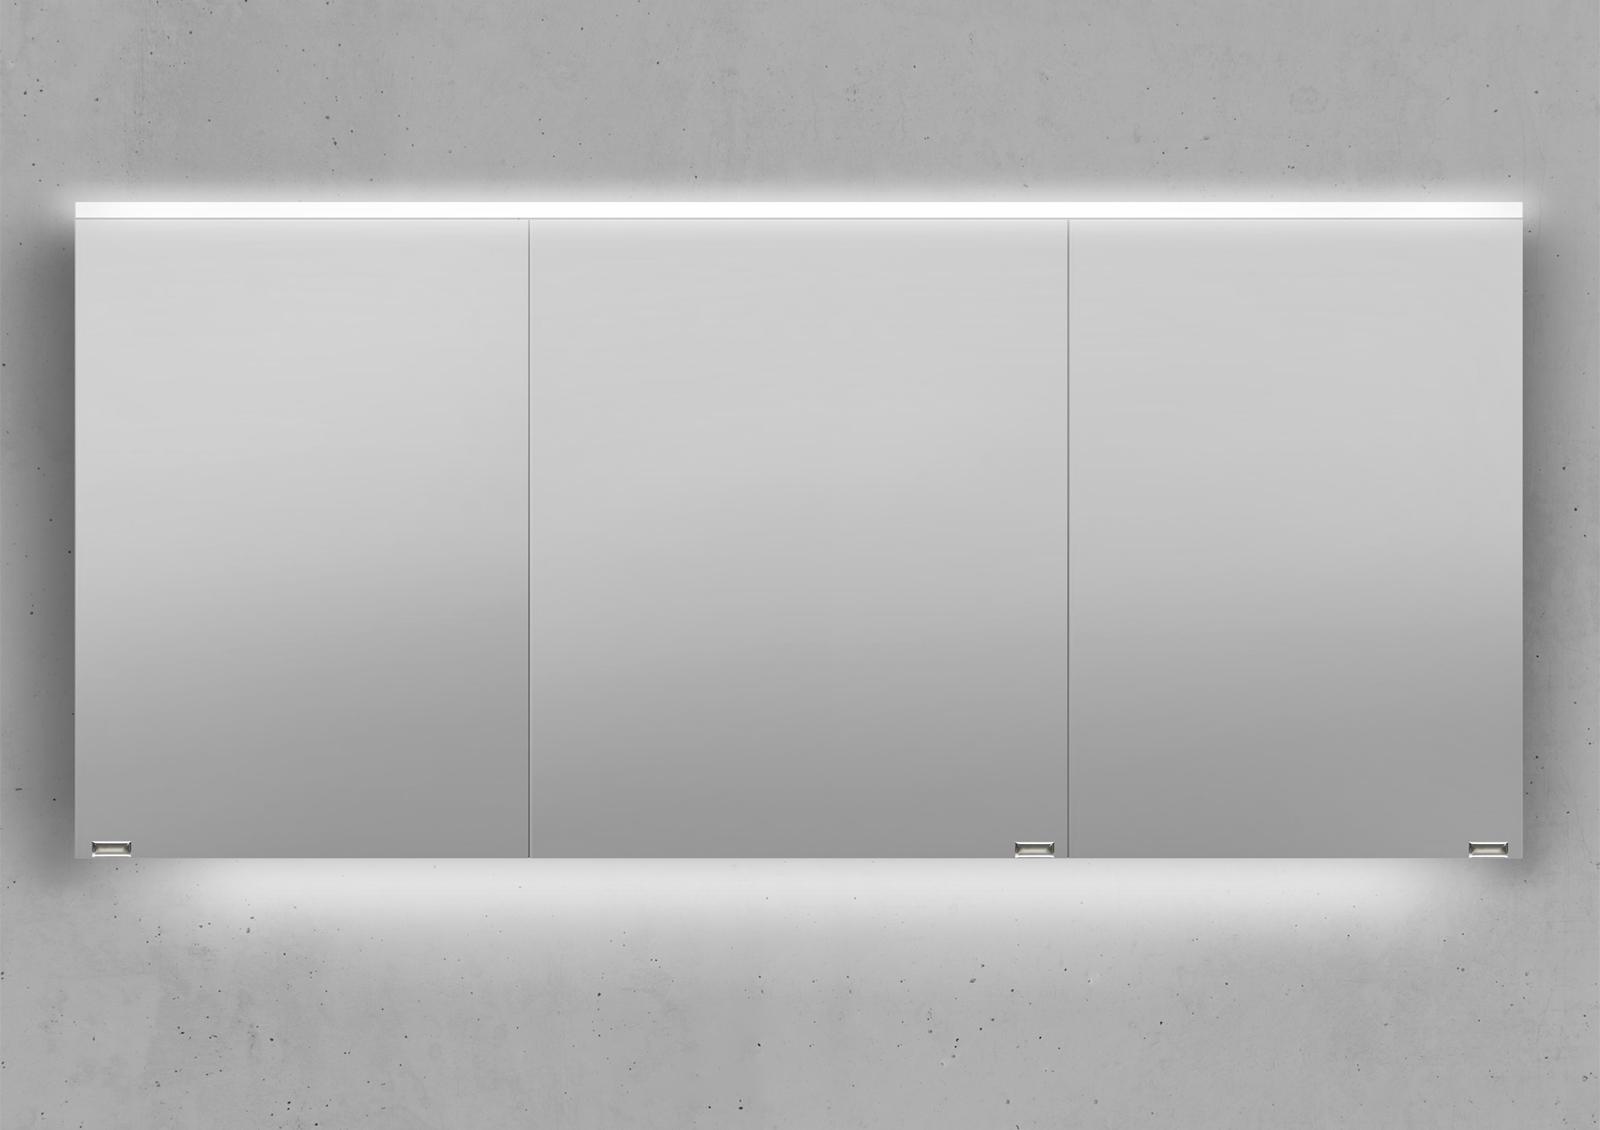 spiegelschrank 160 cm integrierte led beleuchtung doppelt verspiegelt. Black Bedroom Furniture Sets. Home Design Ideas